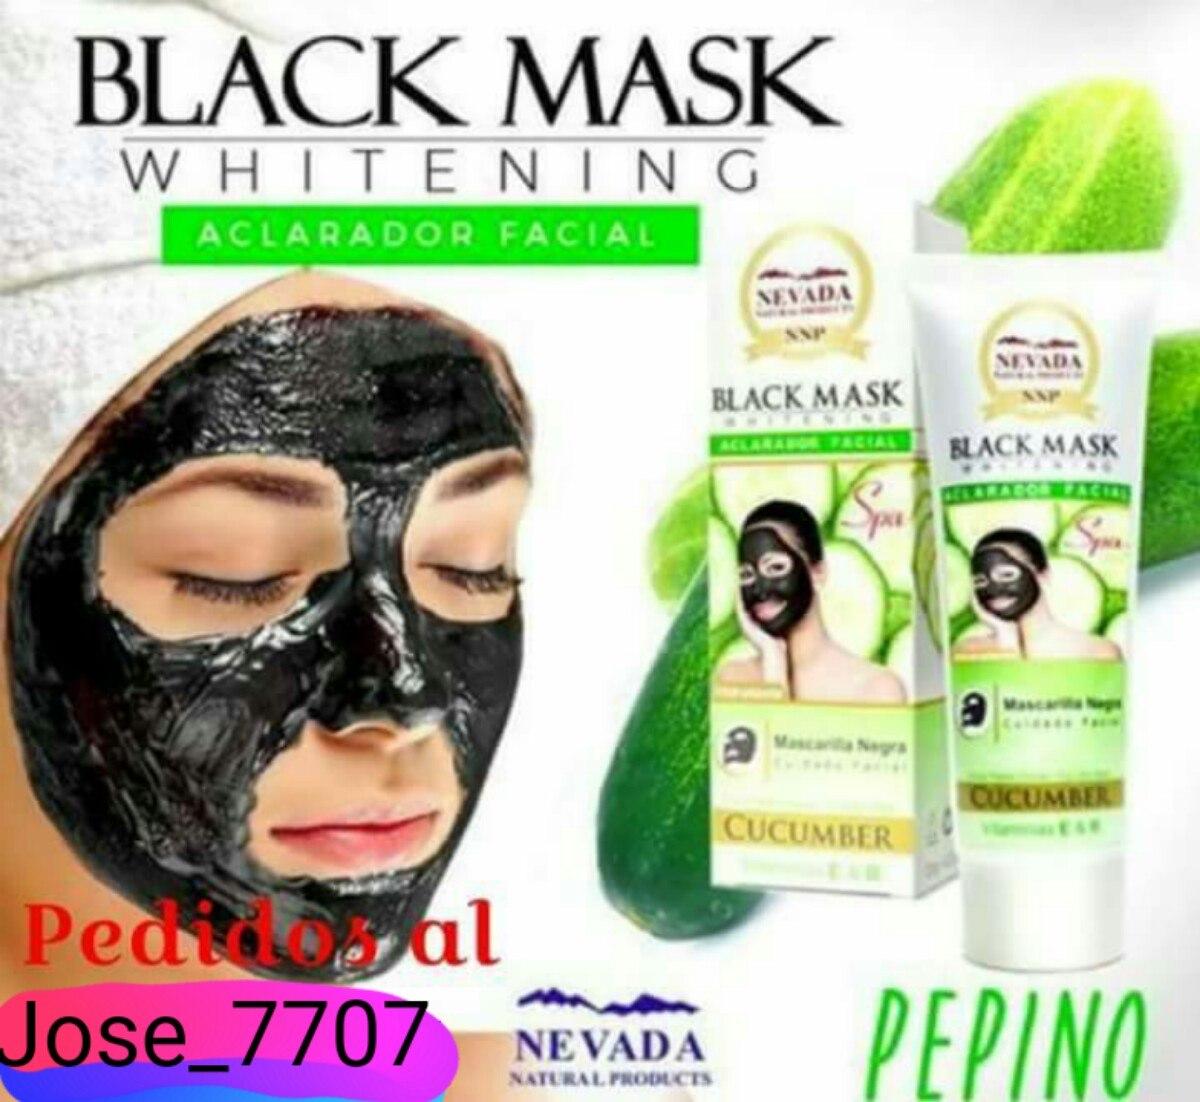 La máscara la vitamina e alrededor de los ojos las revocaciones